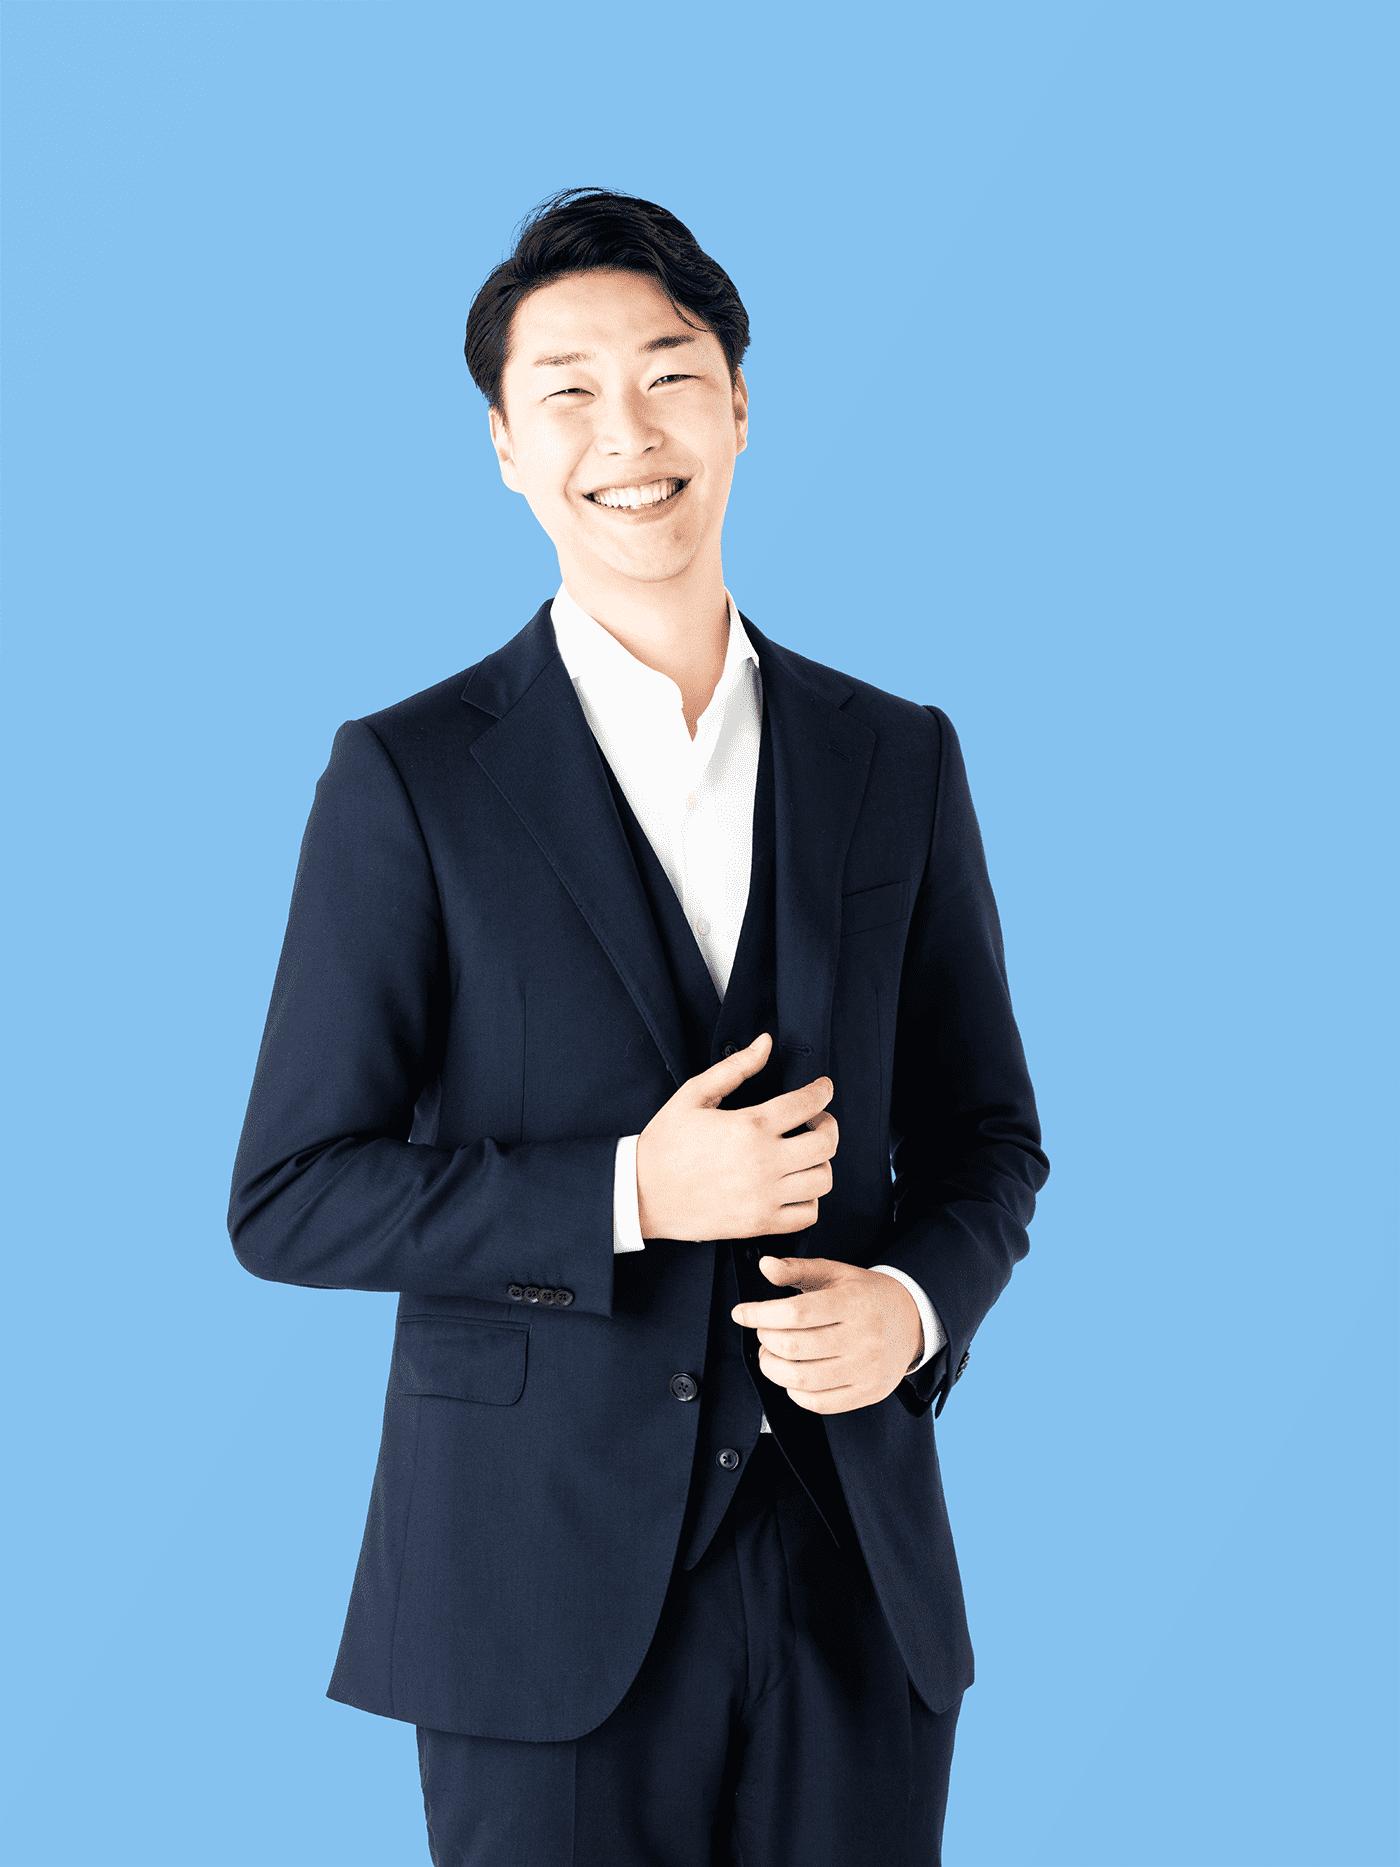 代表取締役 森 雄一郎の画像